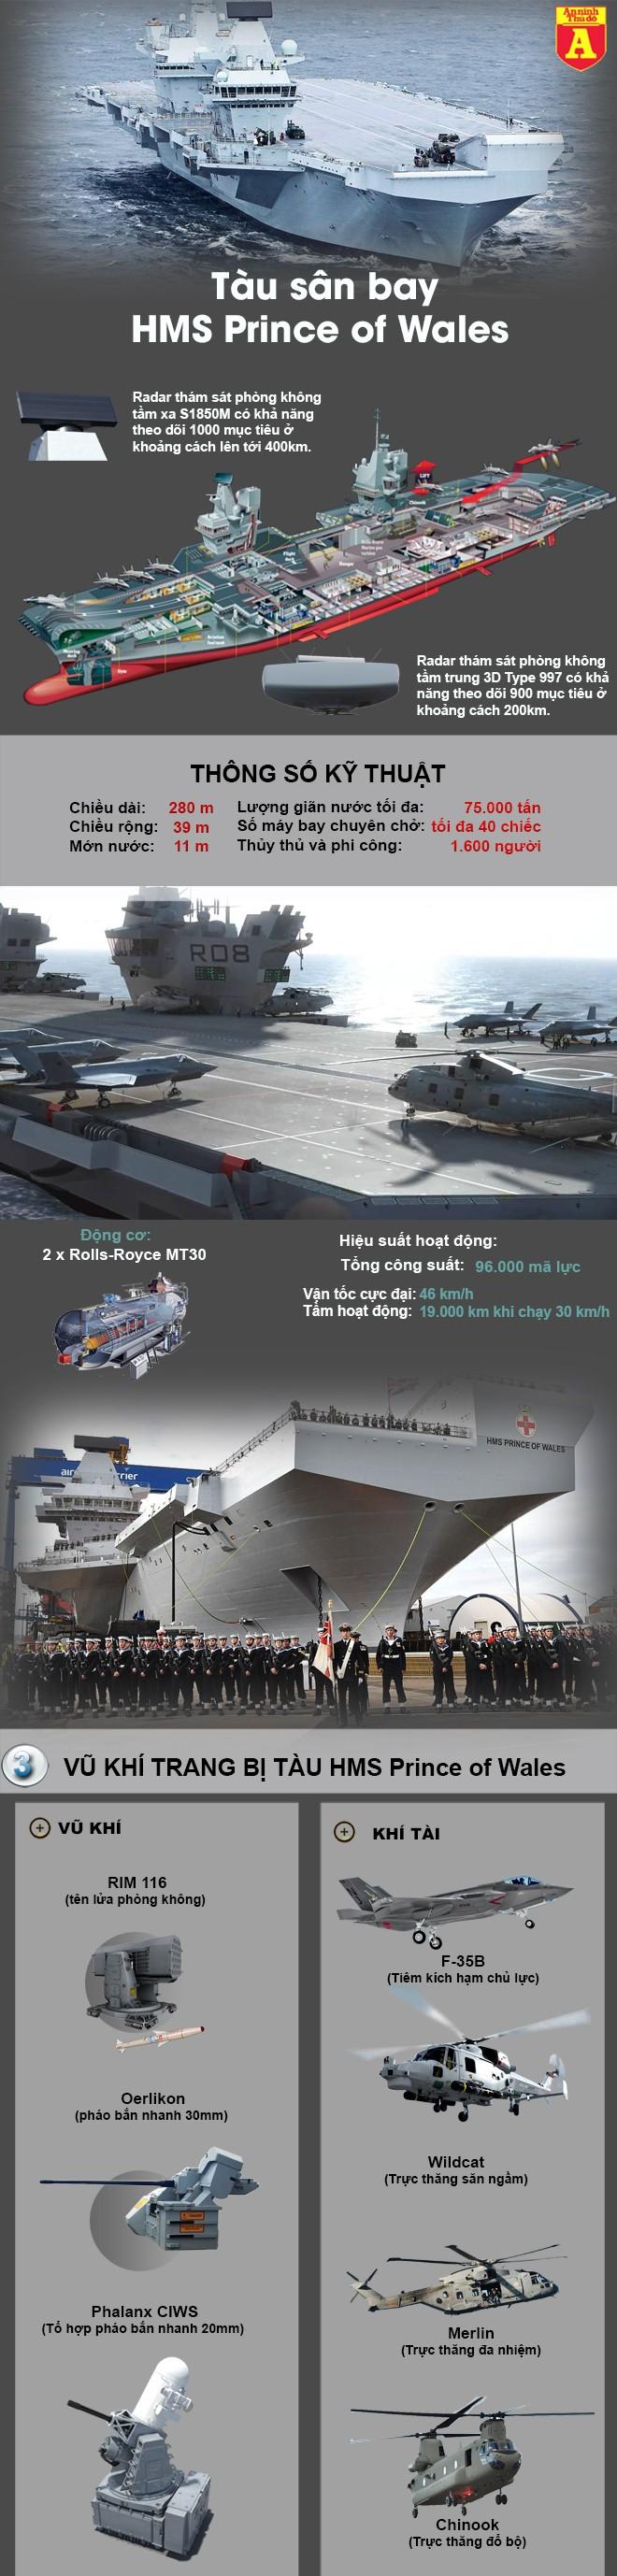 [Infographic] Hạ thủy siêu tàu sân bay thứ 2, hải quân Anh tiếp tục khẳng định vị thế trước Nga ảnh 3